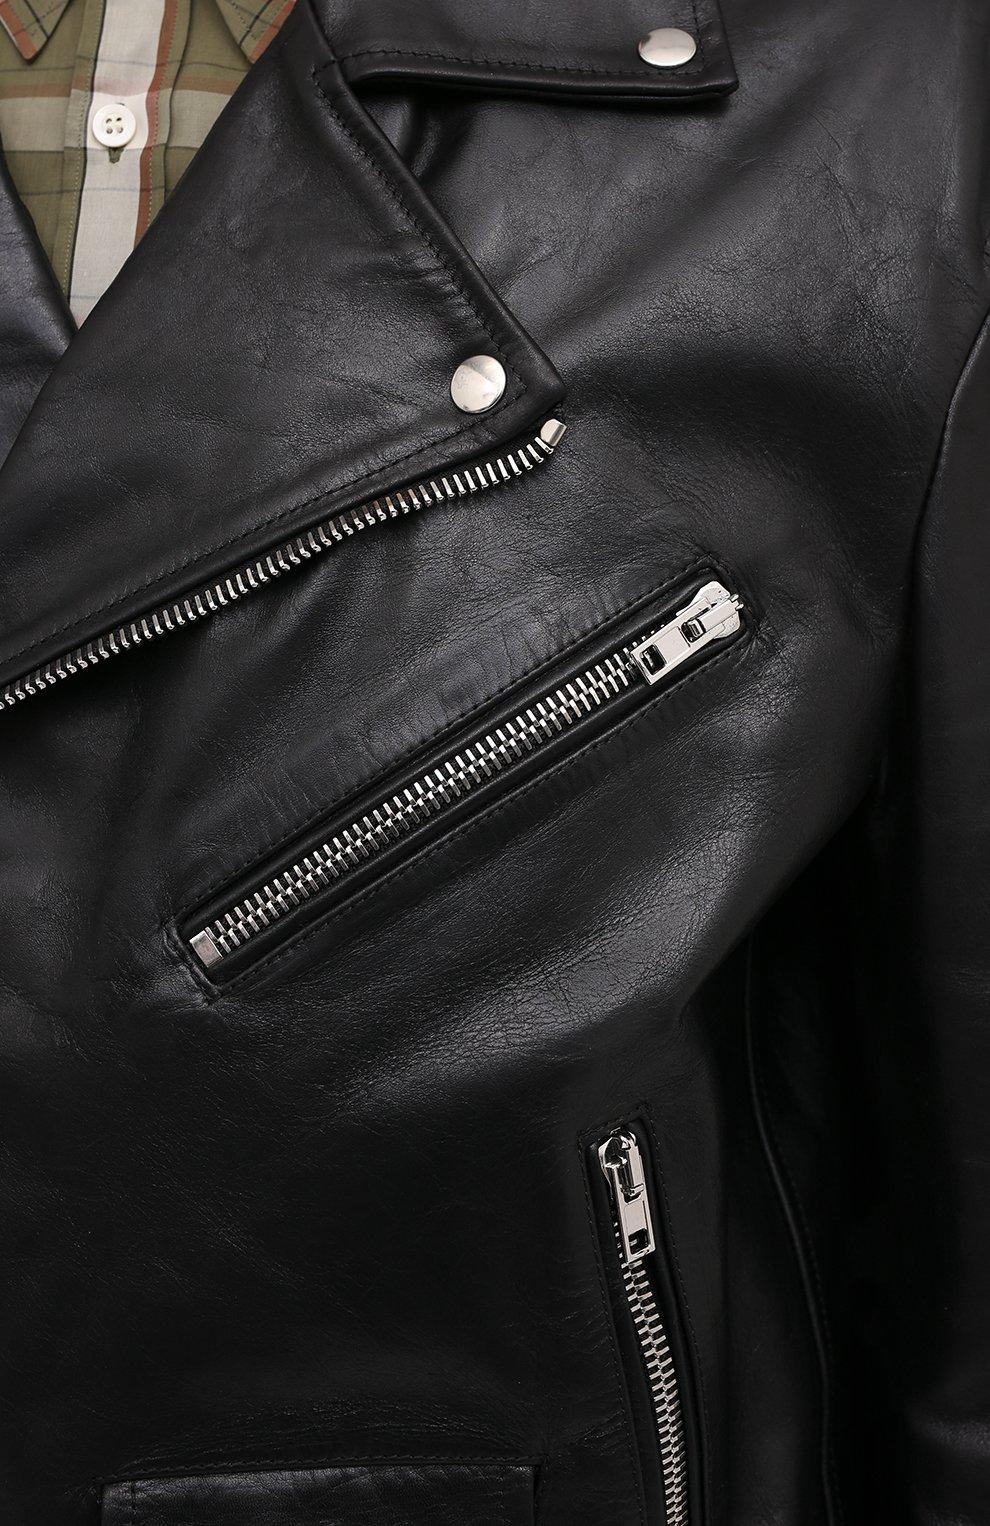 Мужская кожаная куртка VETEMENTS черного цвета, арт. UE51JA800WL 2470/M   Фото 5 (Кросс-КТ: Куртка; Рукава: Длинные; Стили: Гранж; Мужское Кросс-КТ: Кожа и замша; Длина (верхняя одежда): Короткие; Материал подклада: Вискоза)